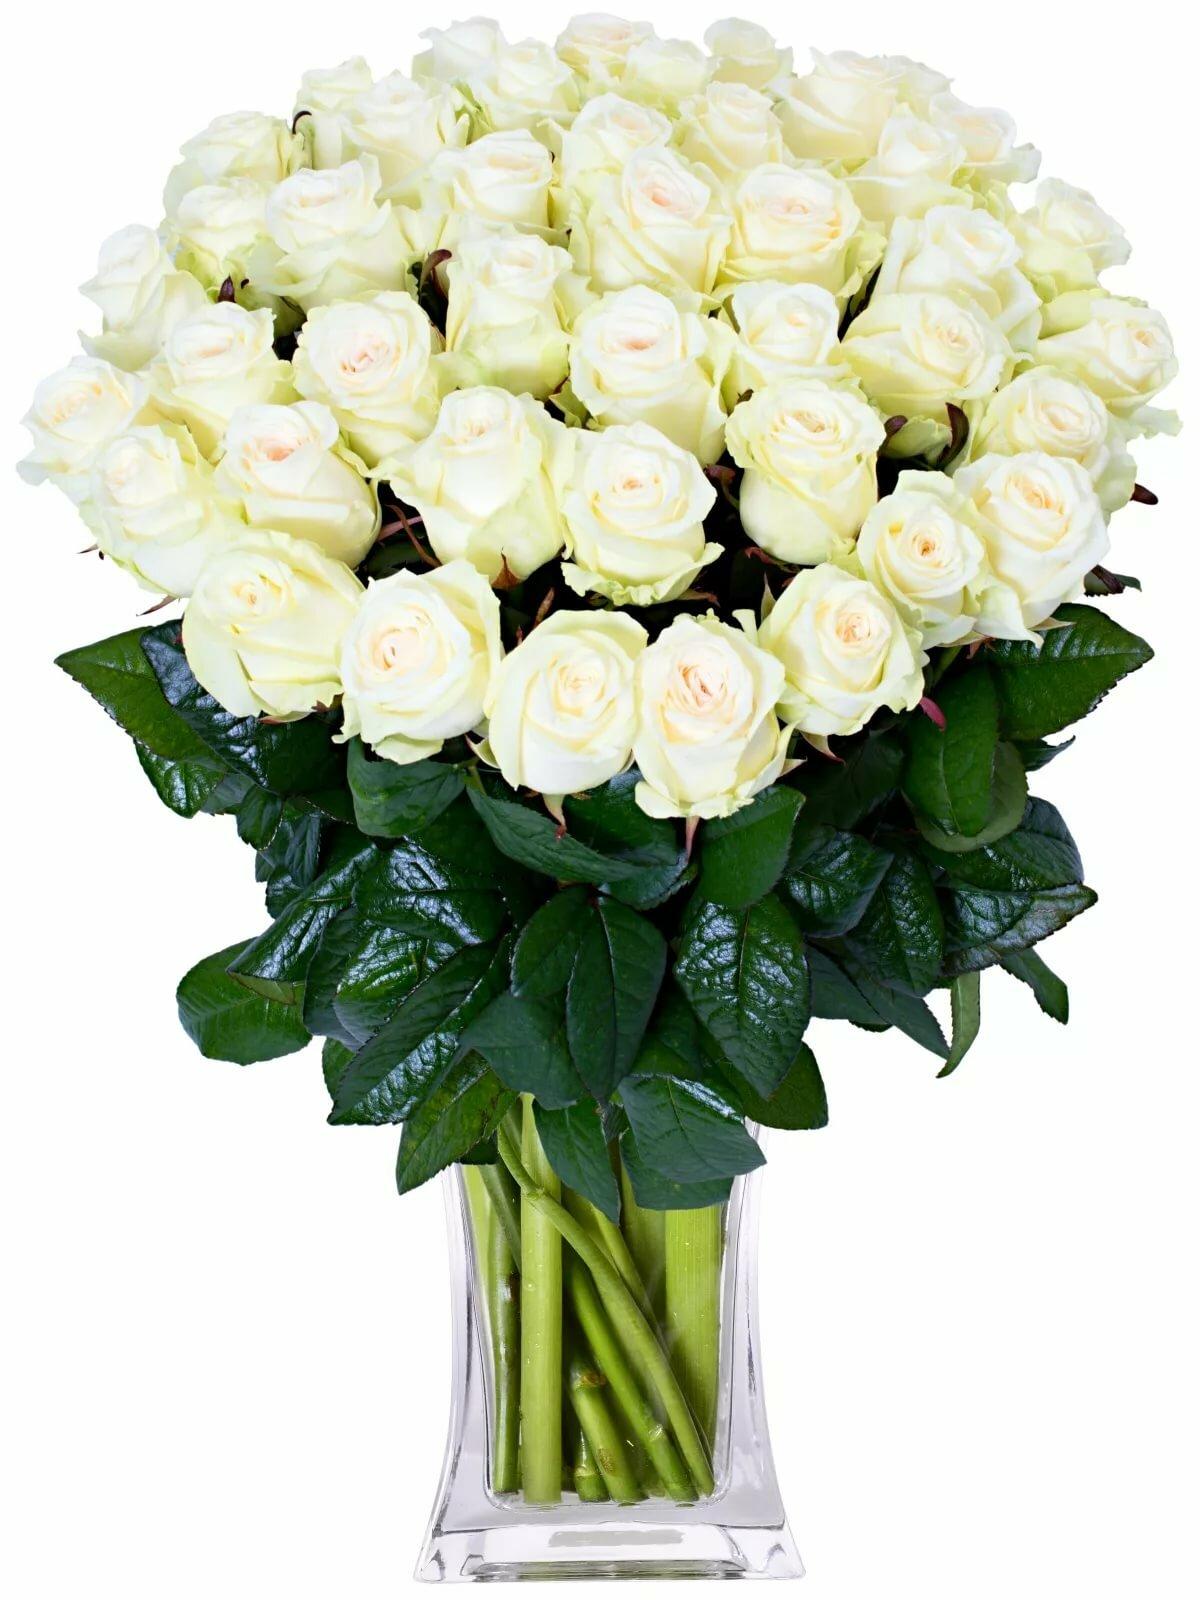 соревновании смотреть картинки с белыми розами внешний вид отличается